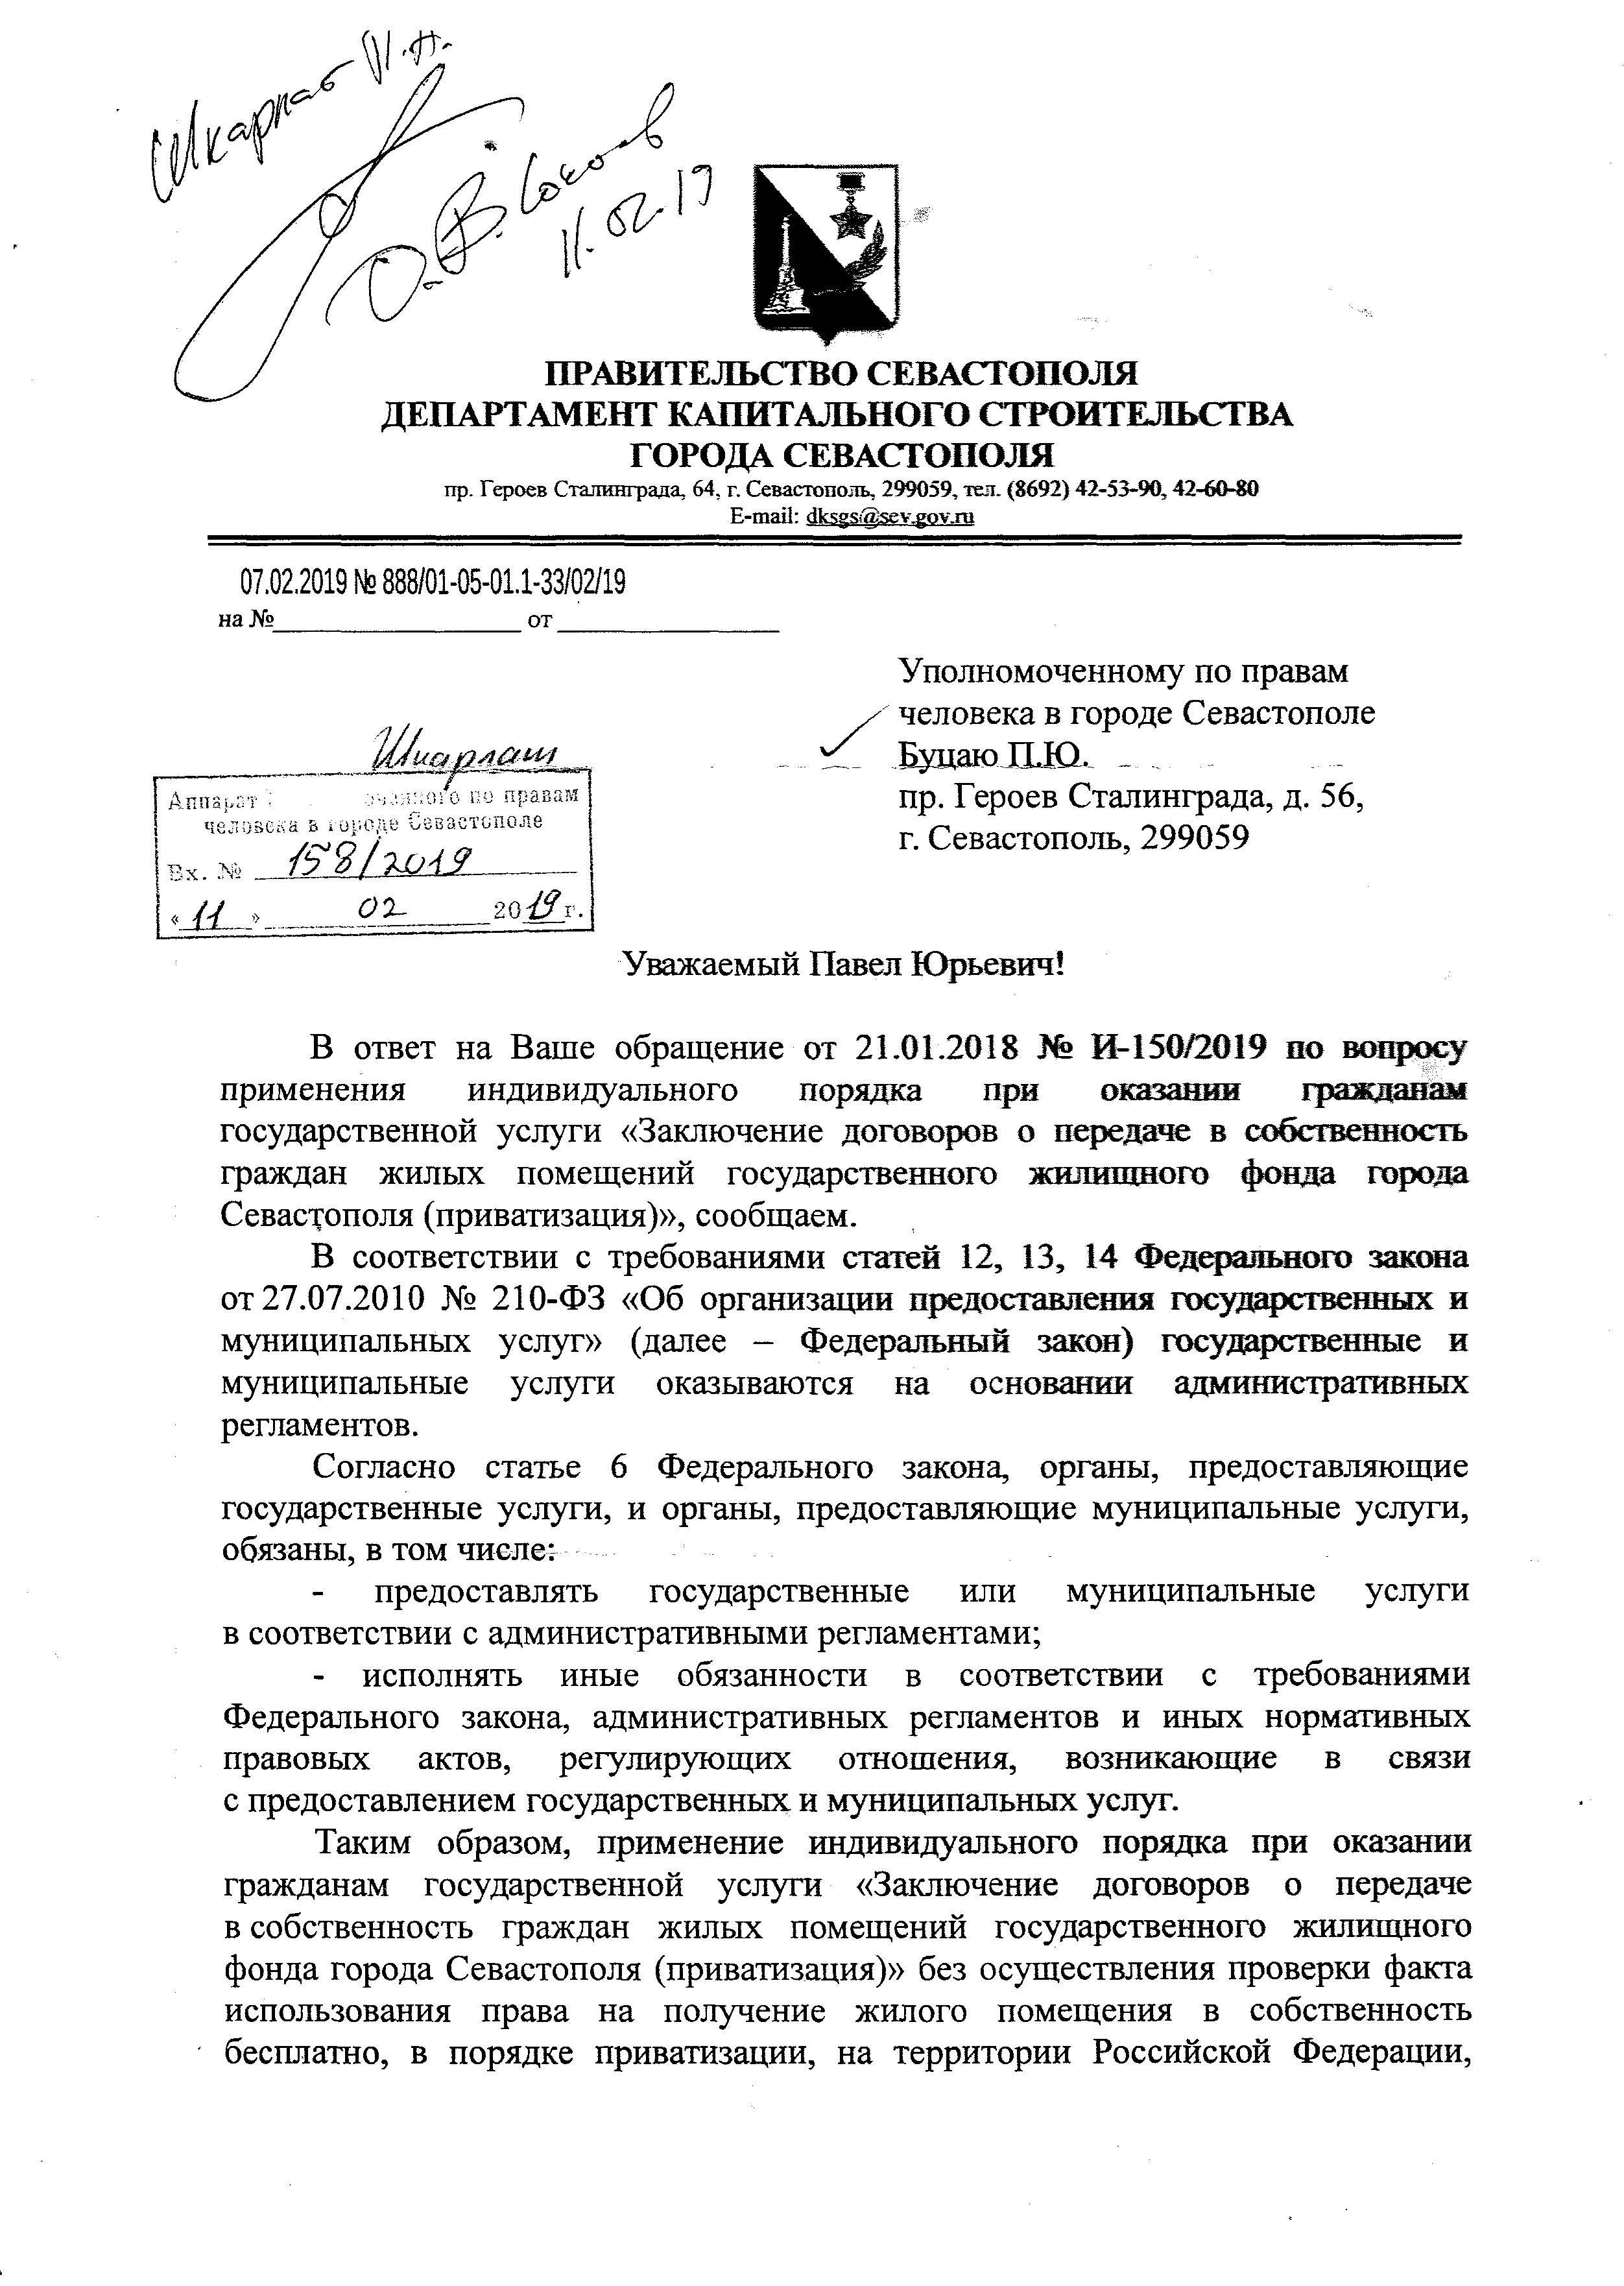 НА ФОРУМ МАРТ_Страница_06.jpg